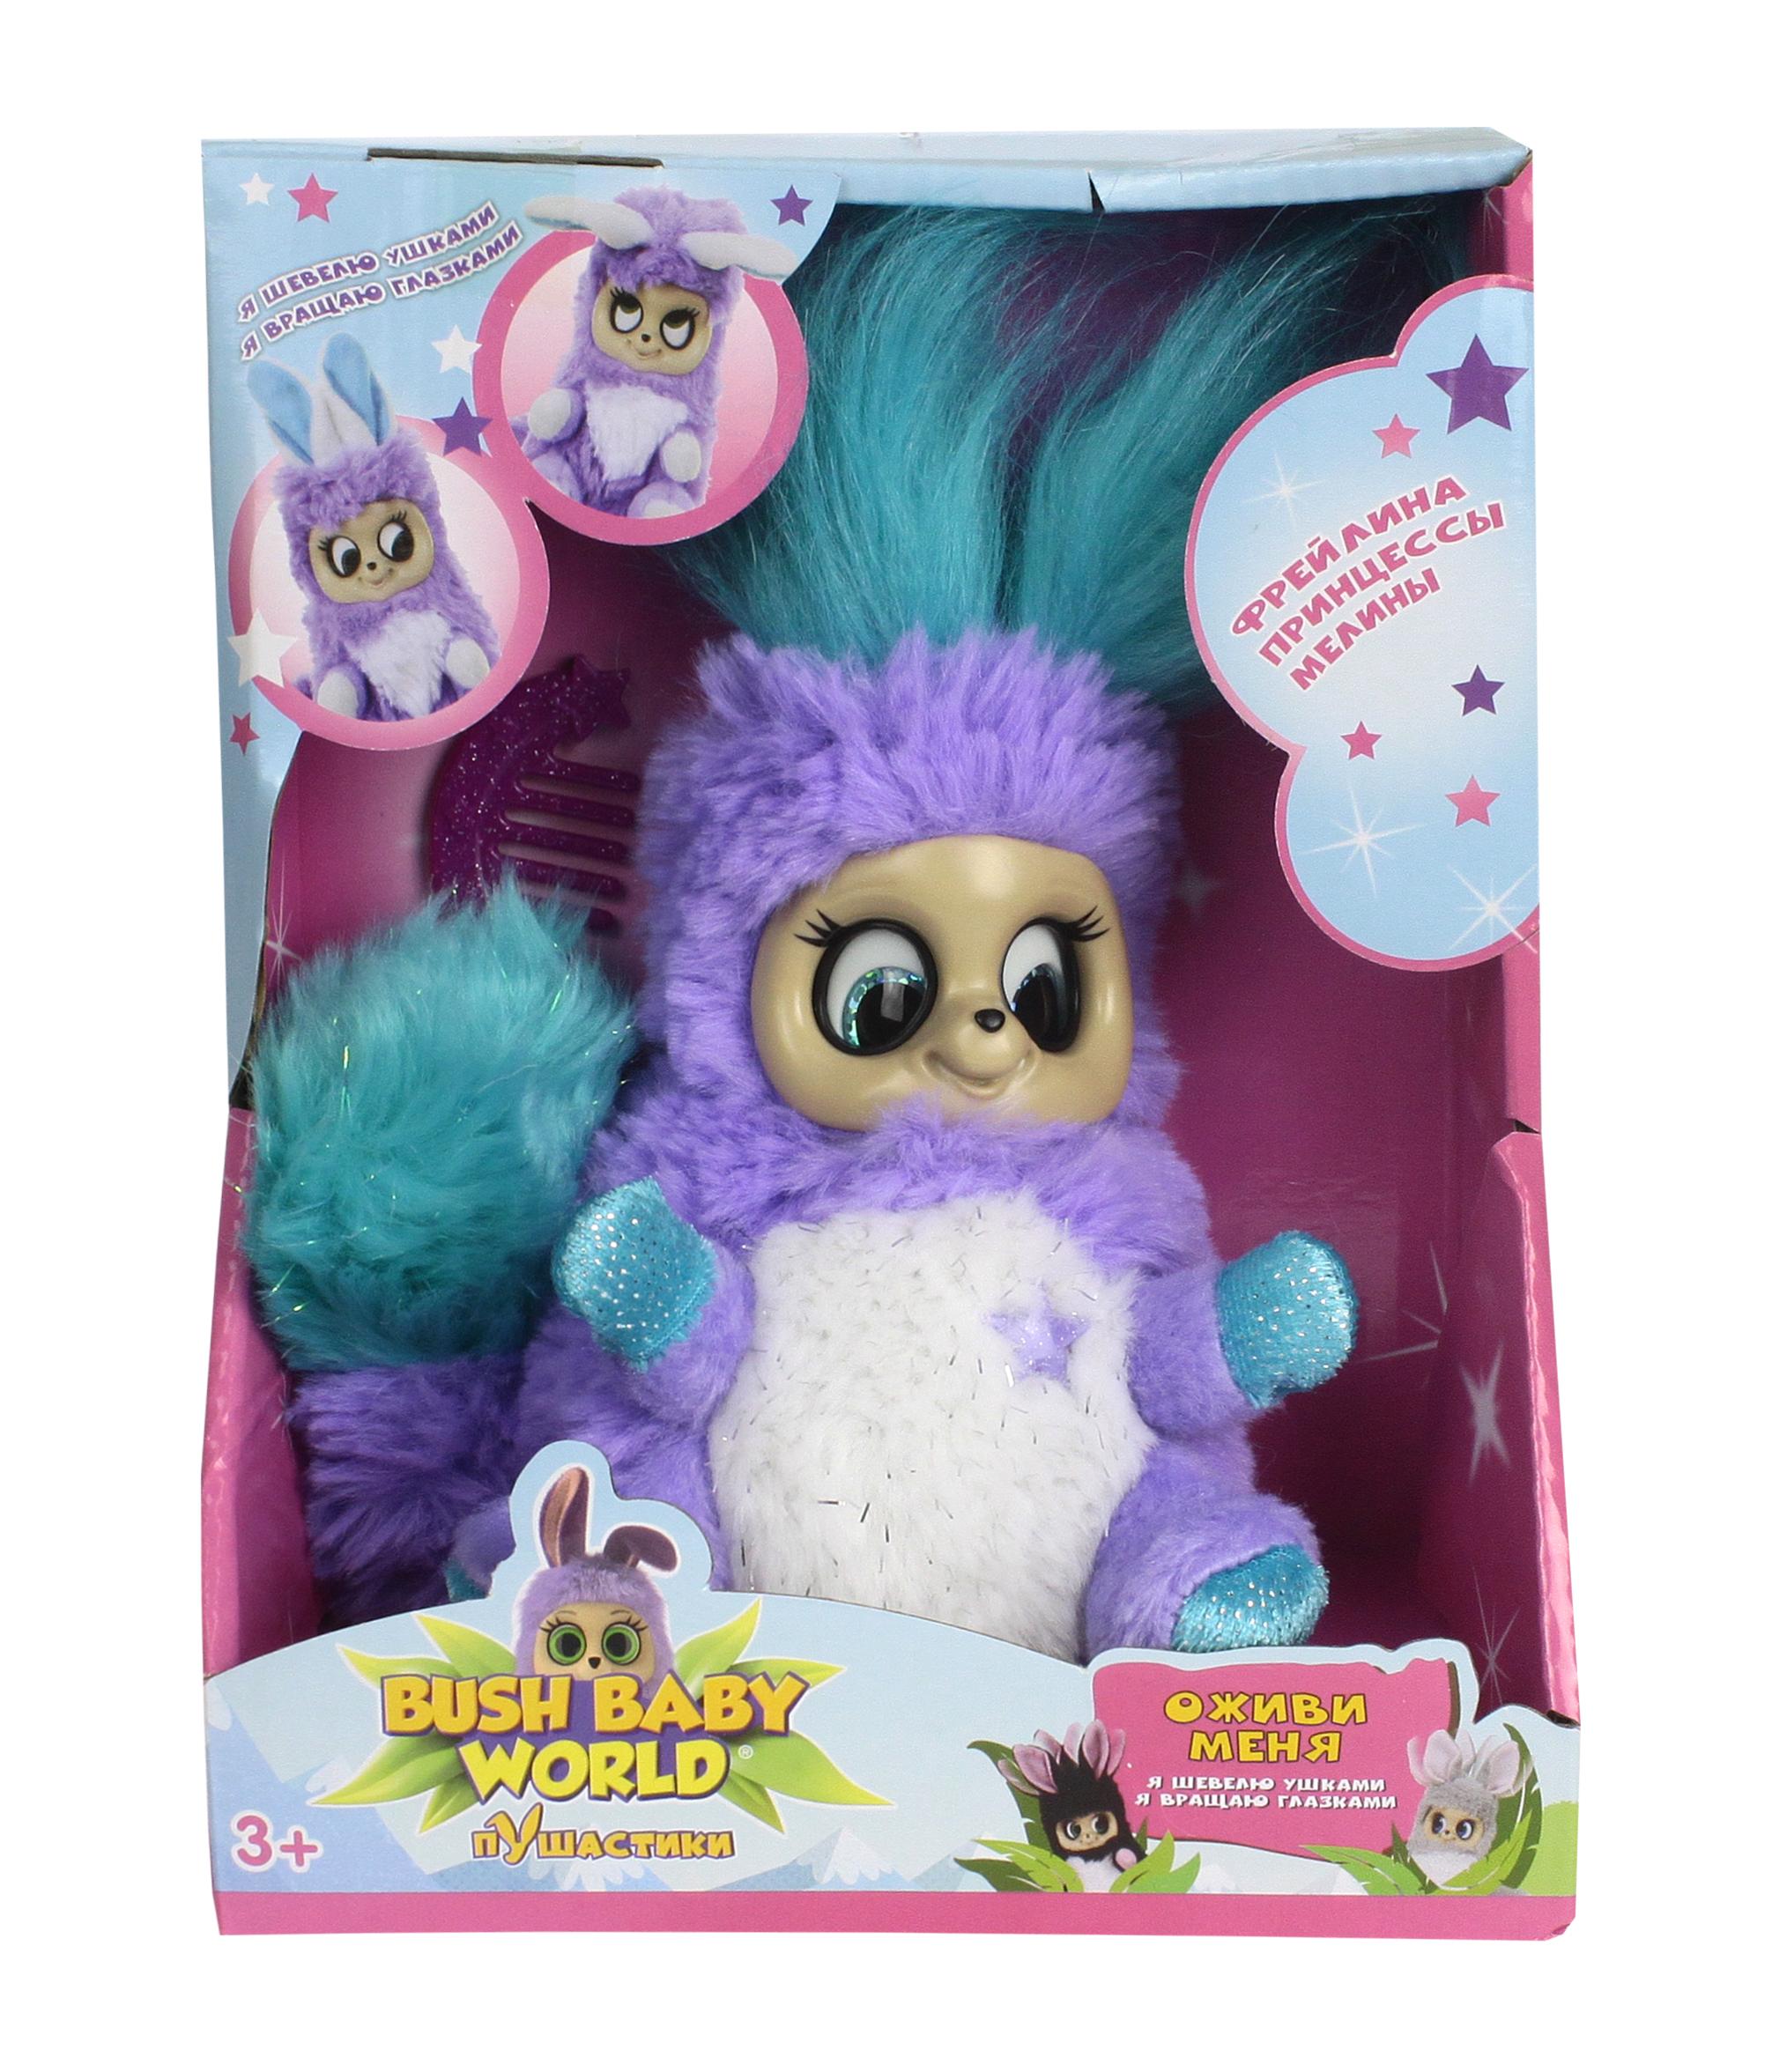 Купить Мягкая игрушка, Bush baby world: Фрейлина Принцессы Мелины, Леди Лекси, 1шт., 1toy Т13950, Китай, голубой, фиолетовый